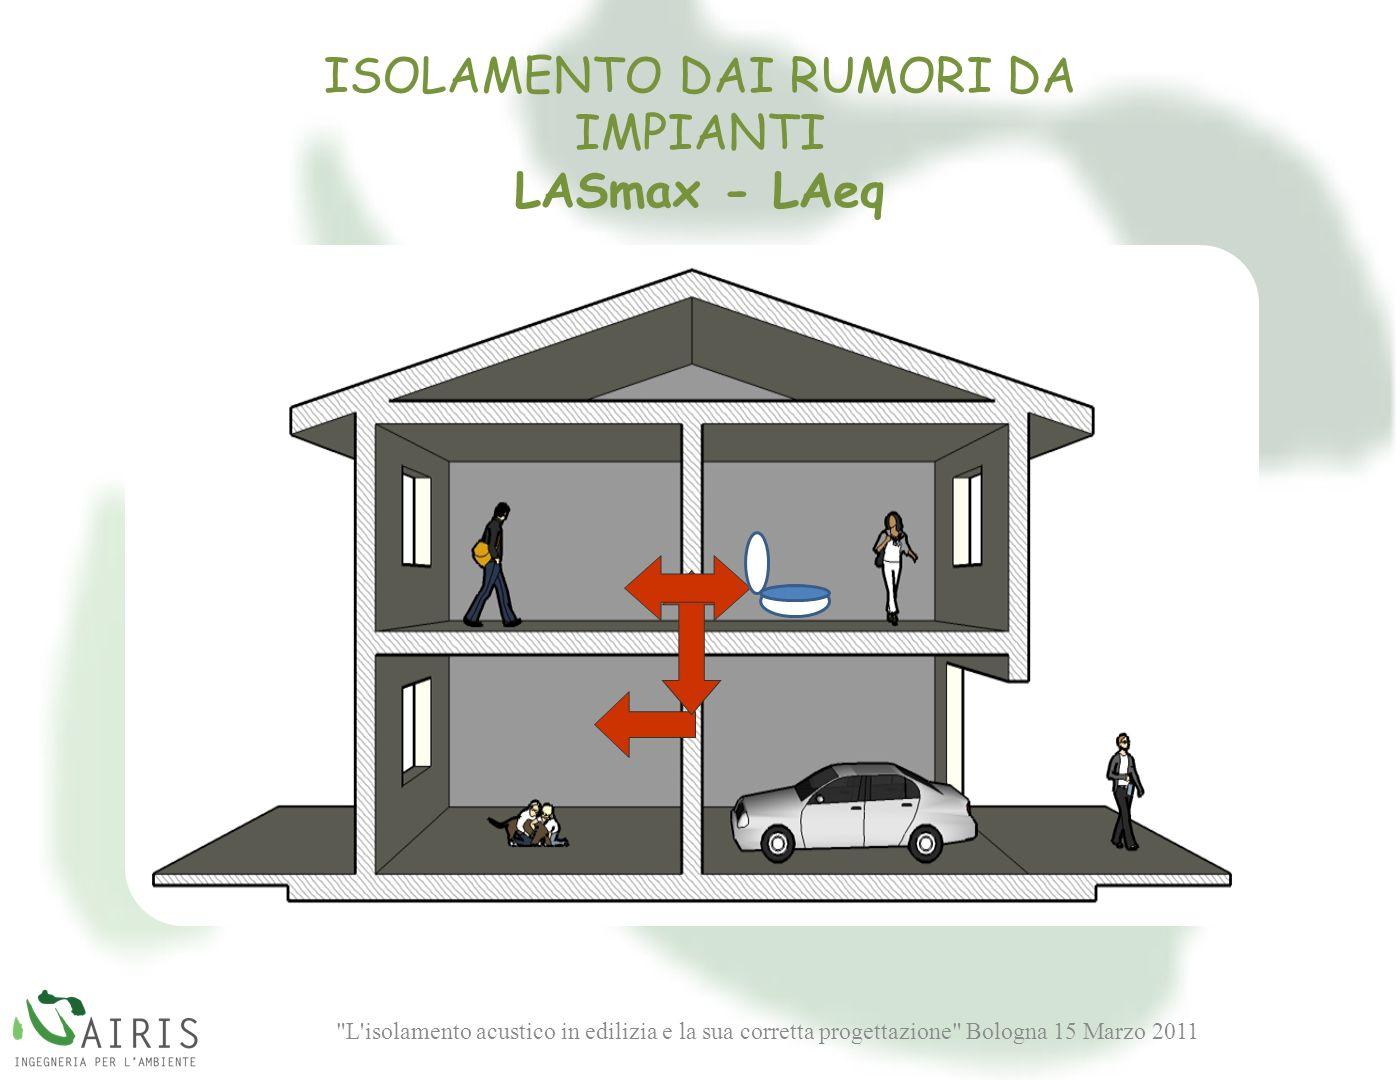 L isolamento acustico in edilizia e la sua corretta progettazione Bologna 15 Marzo 2011 ISOLAMENTO DAI RUMORI DA IMPIANTI LASmax - LAeq